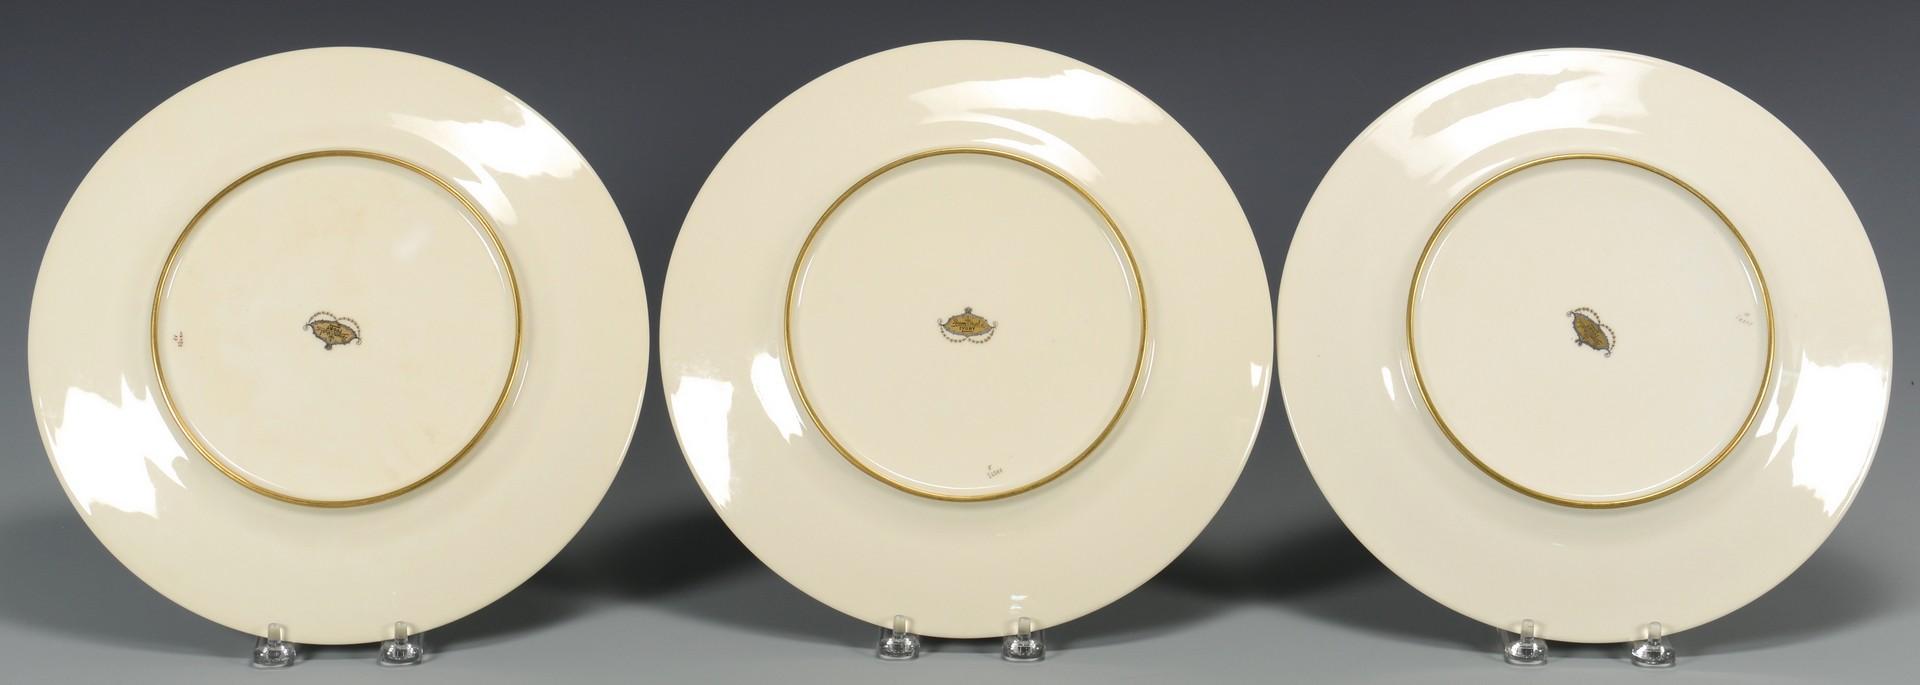 Lot 768: 8 Rosenthal Green, Gilt Dinner Plates